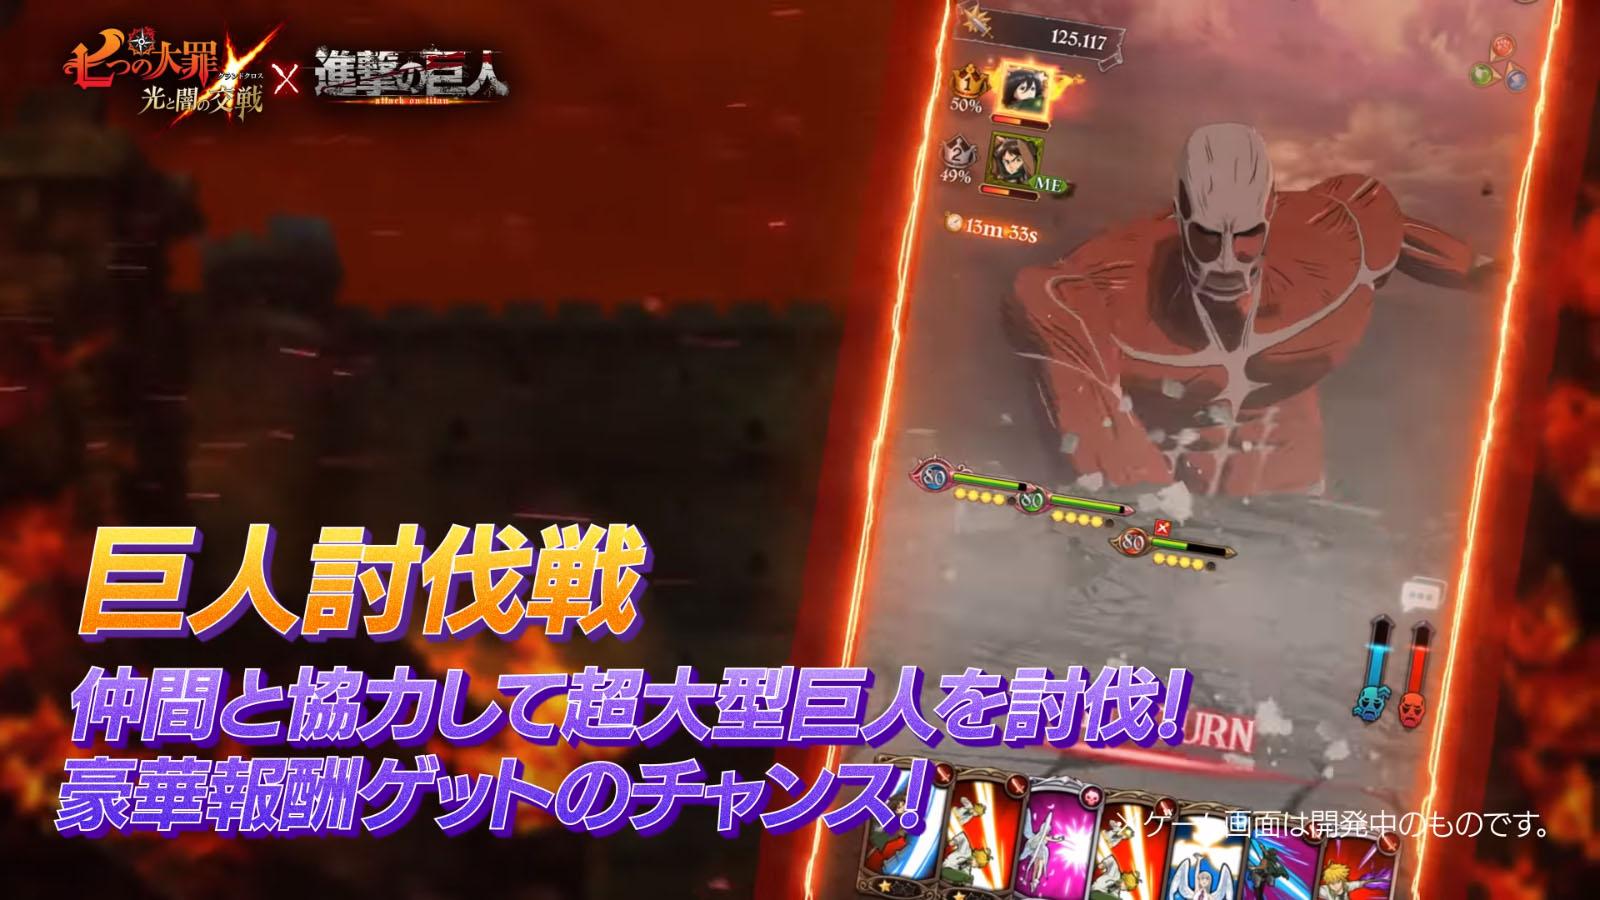 準备吃土!《七大罪:光与暗之交战》X《进击的巨人》新角色全曝光 插图5